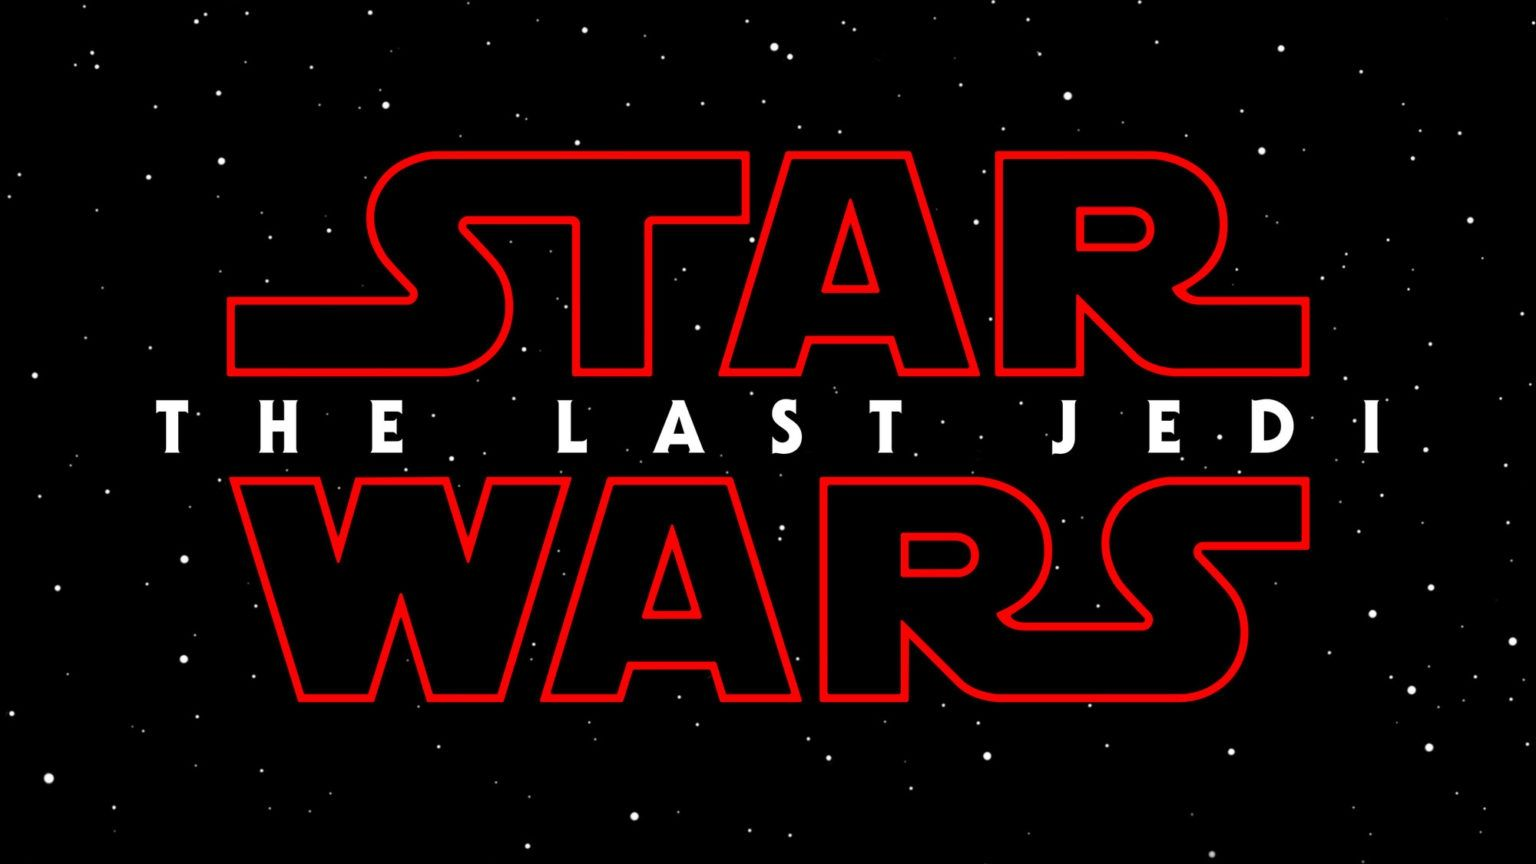 Star Wars 8 The Last Jedi